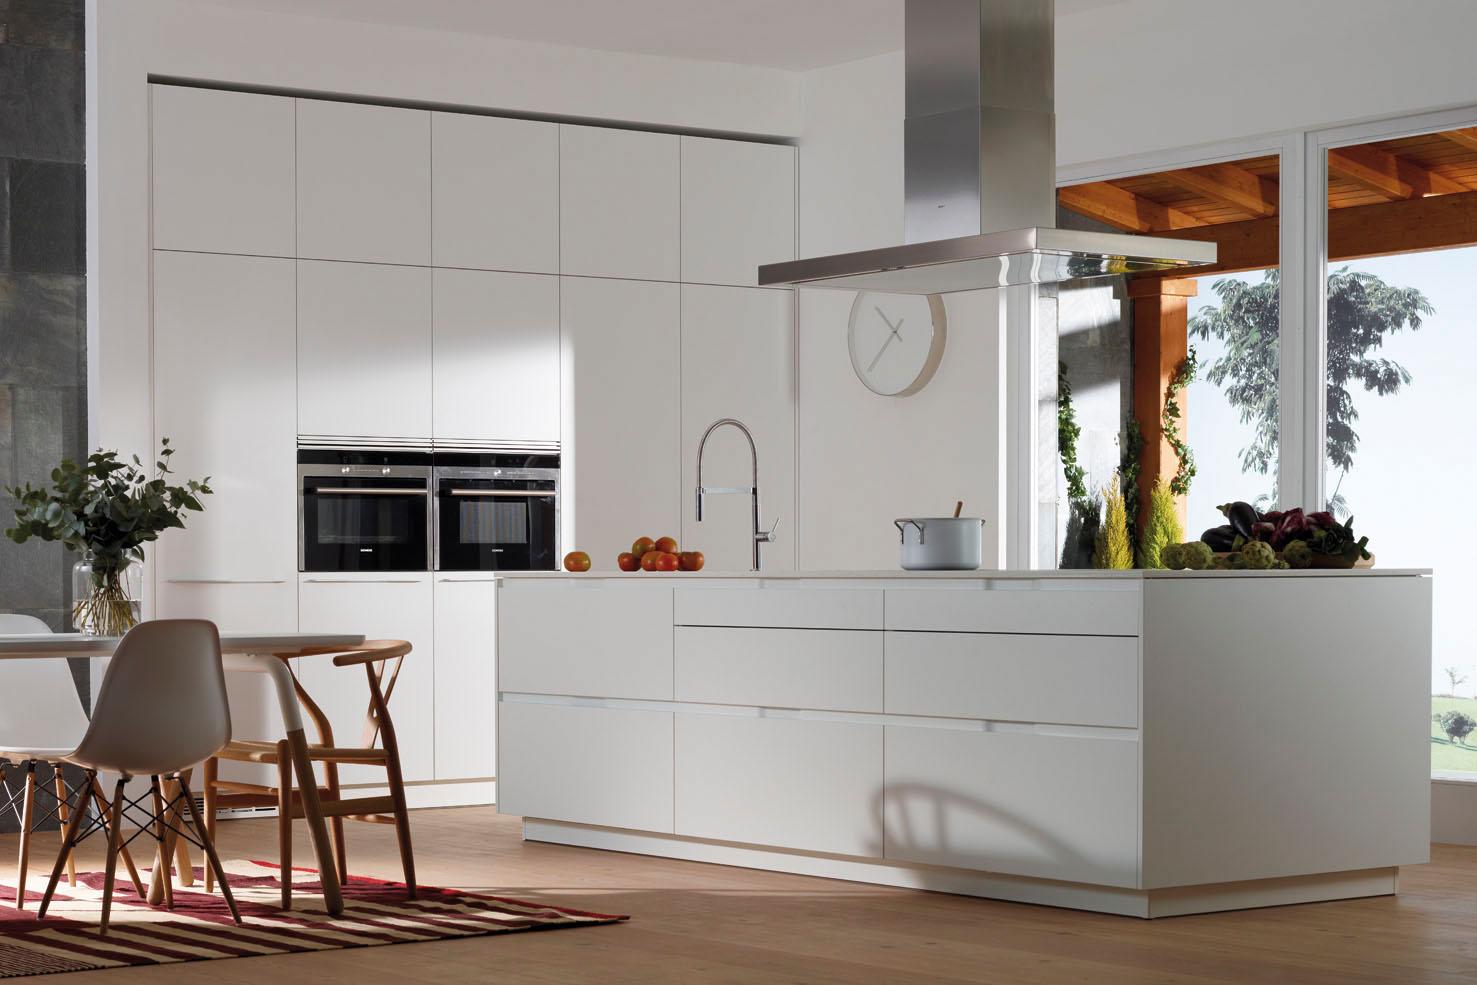 14 cocinas con isla para inspirarte fotos consejos y medidas for Cocinas blancas con isla